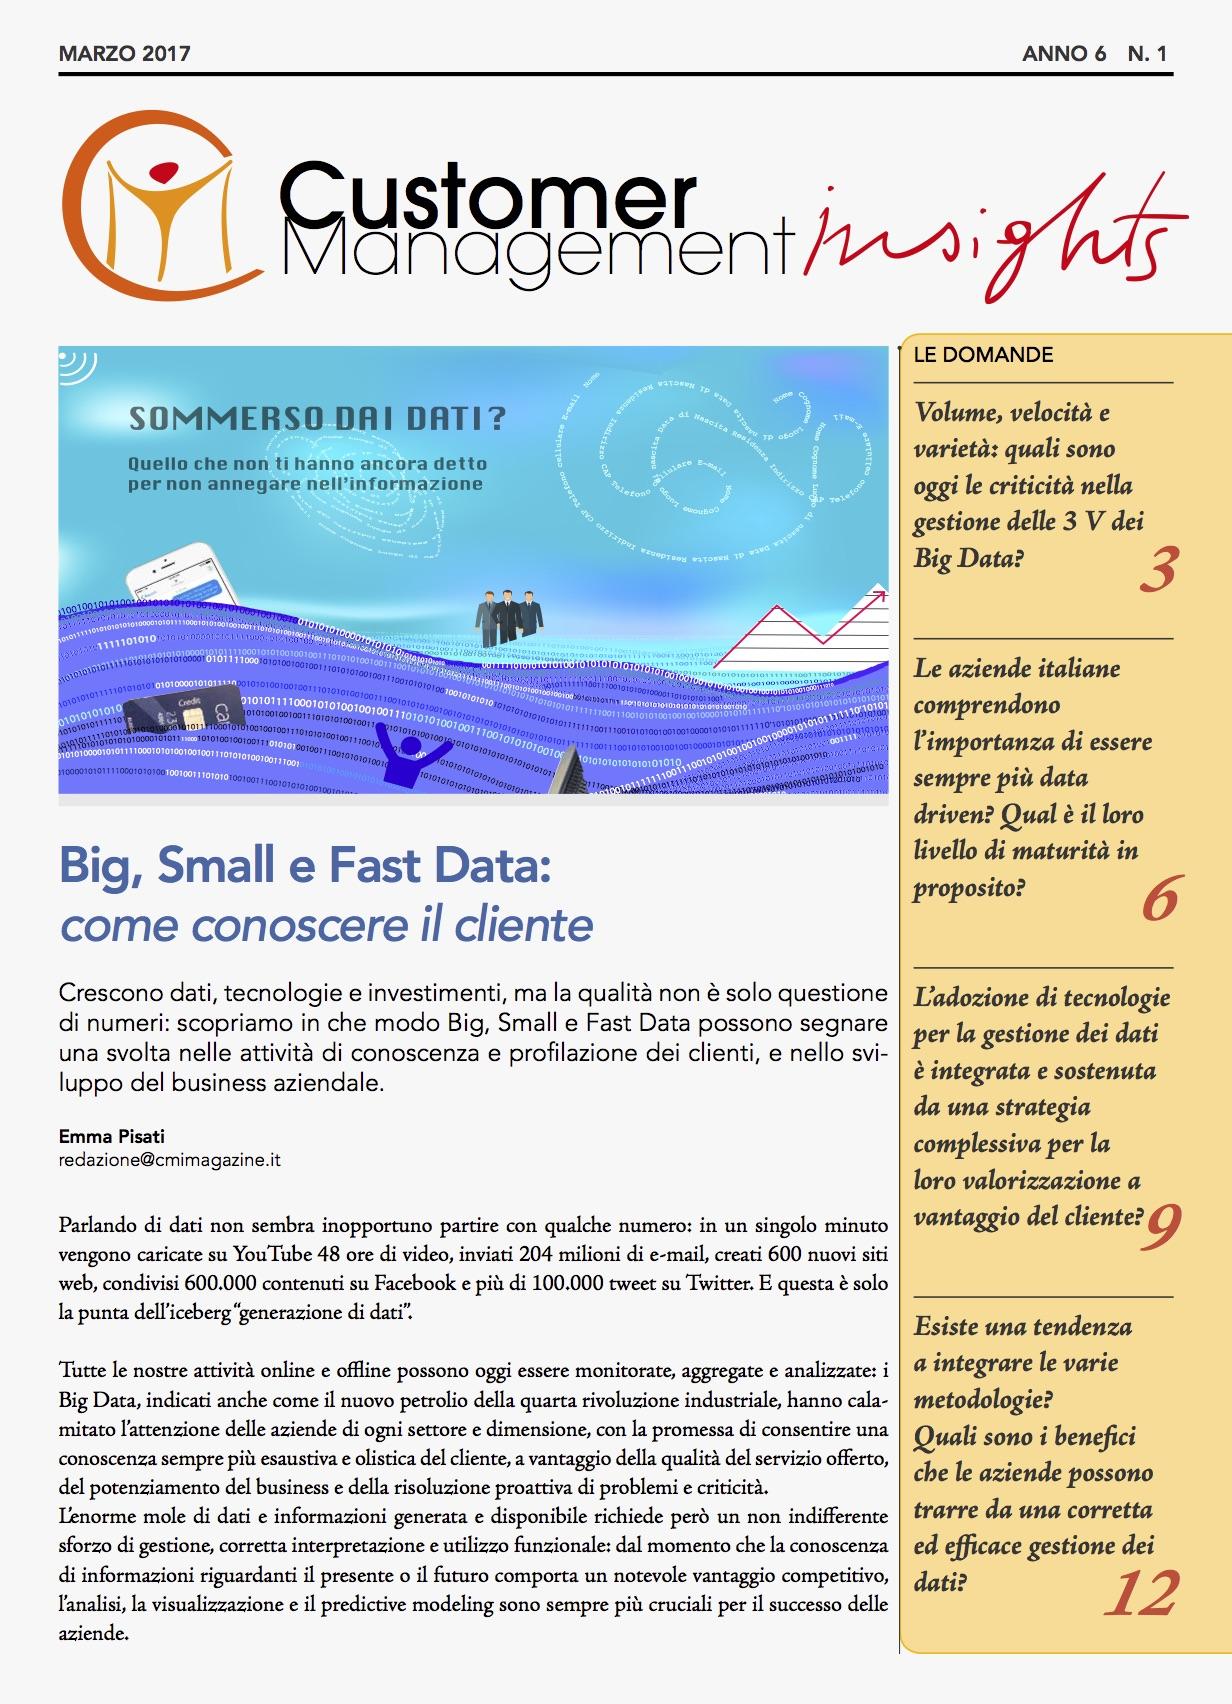 Big, Small e Fast Data: come conoscere il cliente – CMI anno 6 n. 1